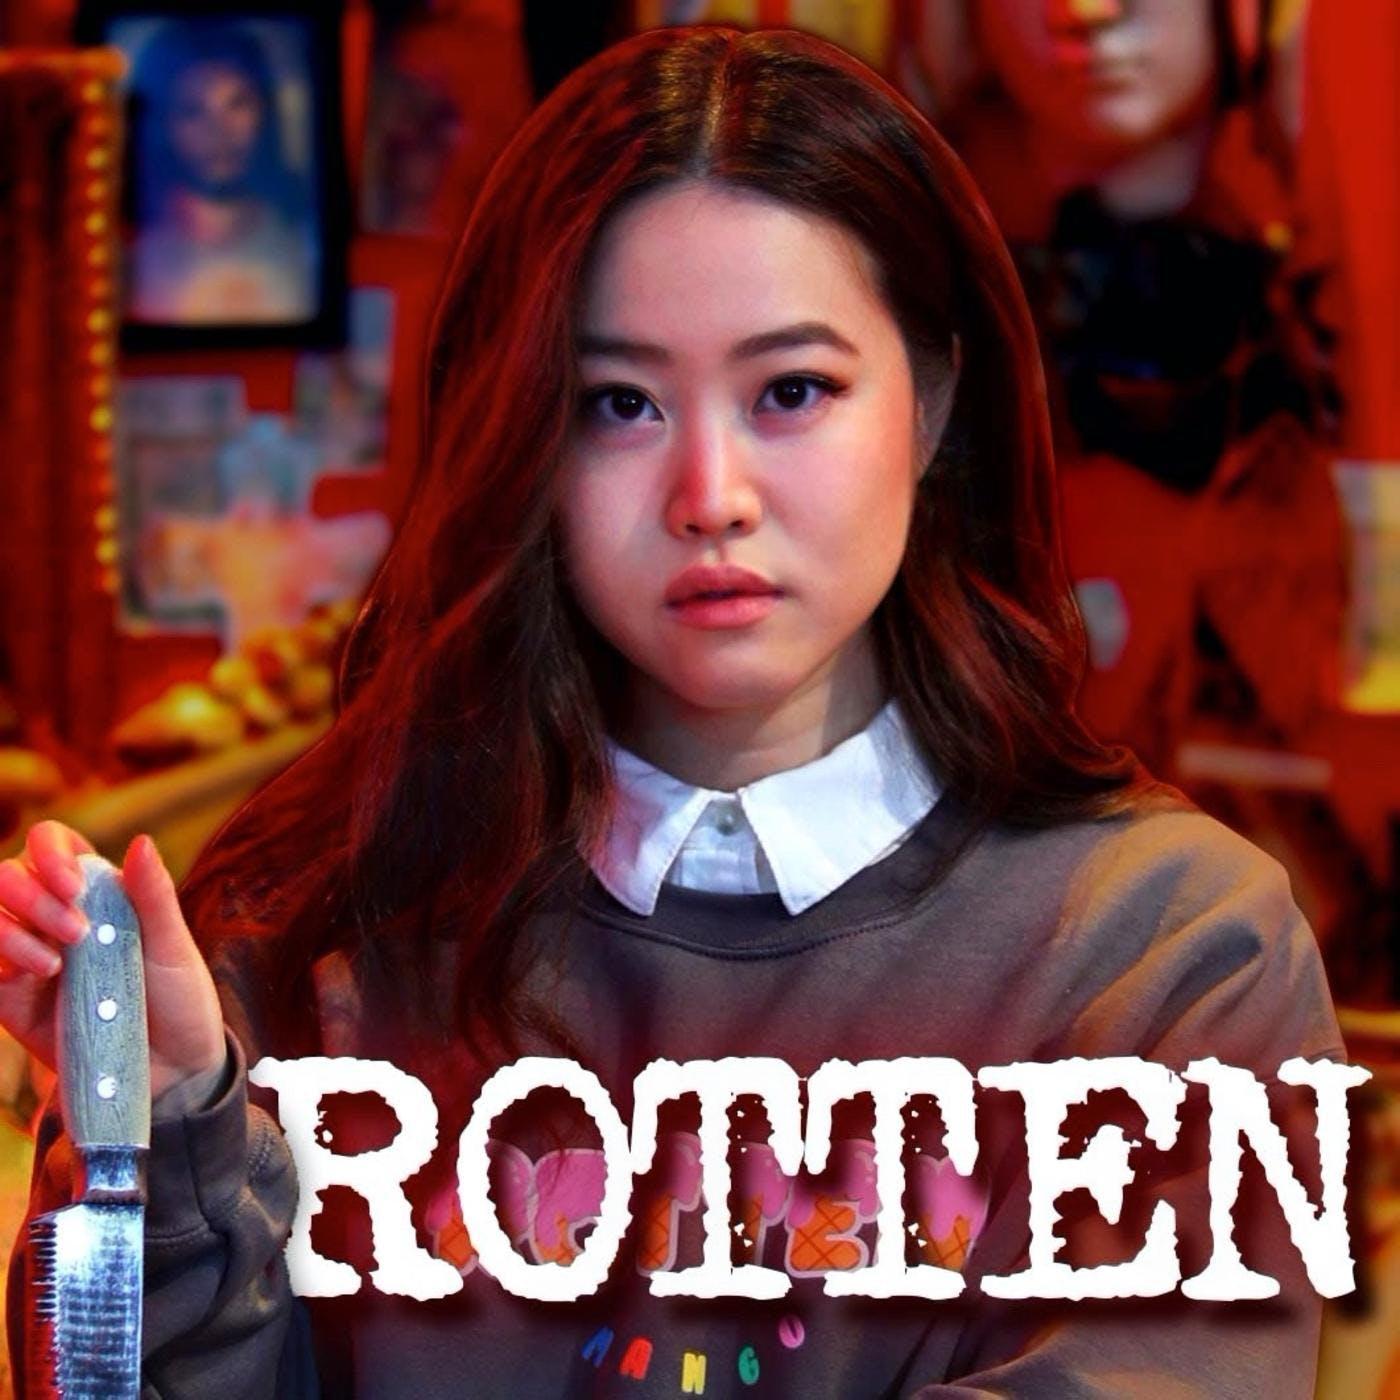 Rotten Mango podcast show image